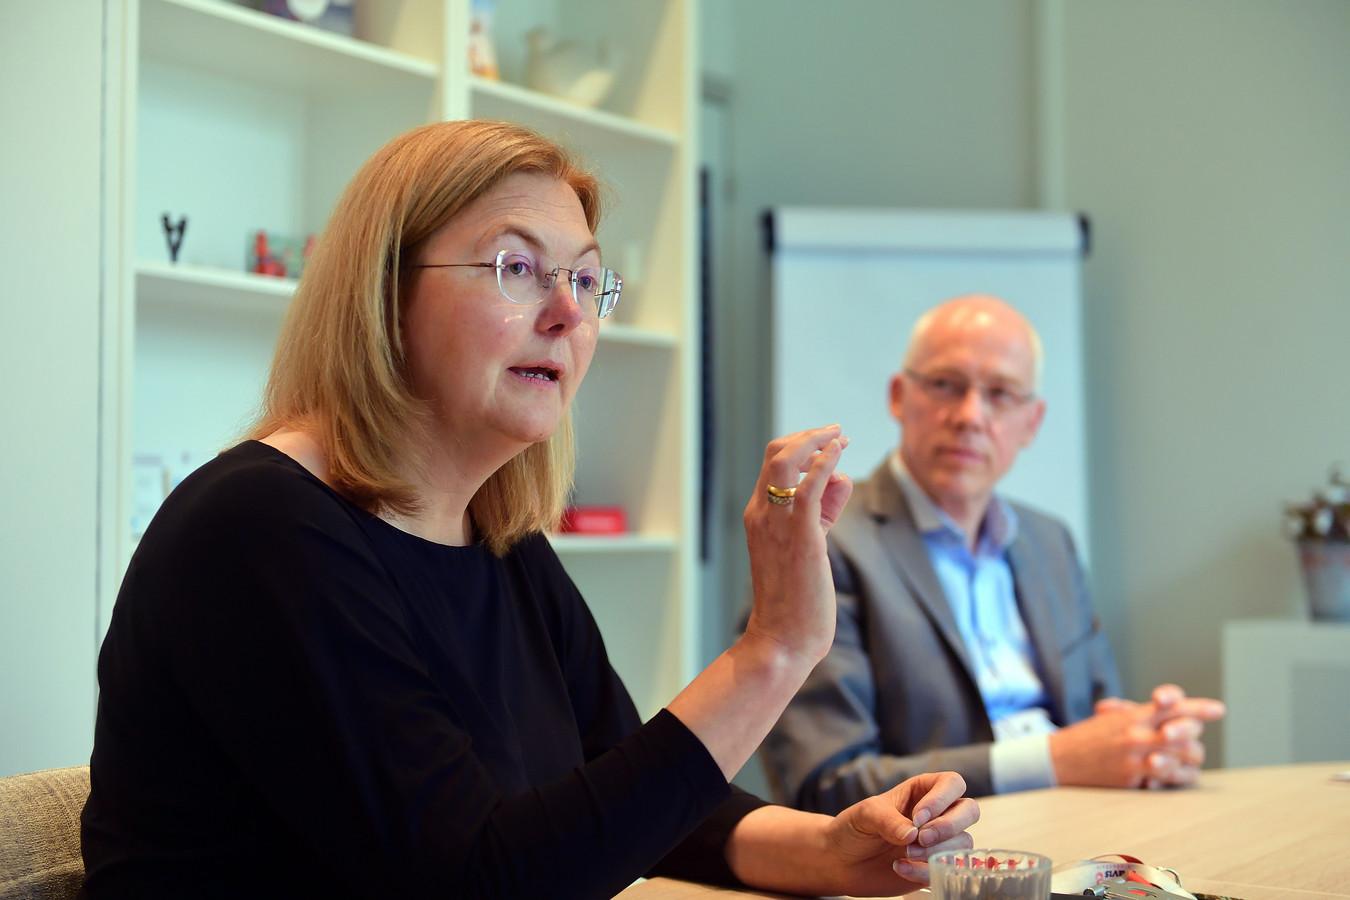 Bravis-bestuurder Bianka Mennema (l.) en manager bedrijfszaken Leo Simons vinden het kwalijk dat wordt gesuggereerd dat het ziekenhuis de patiënten in de regio Bergen op Zoom in de steek zou laten.